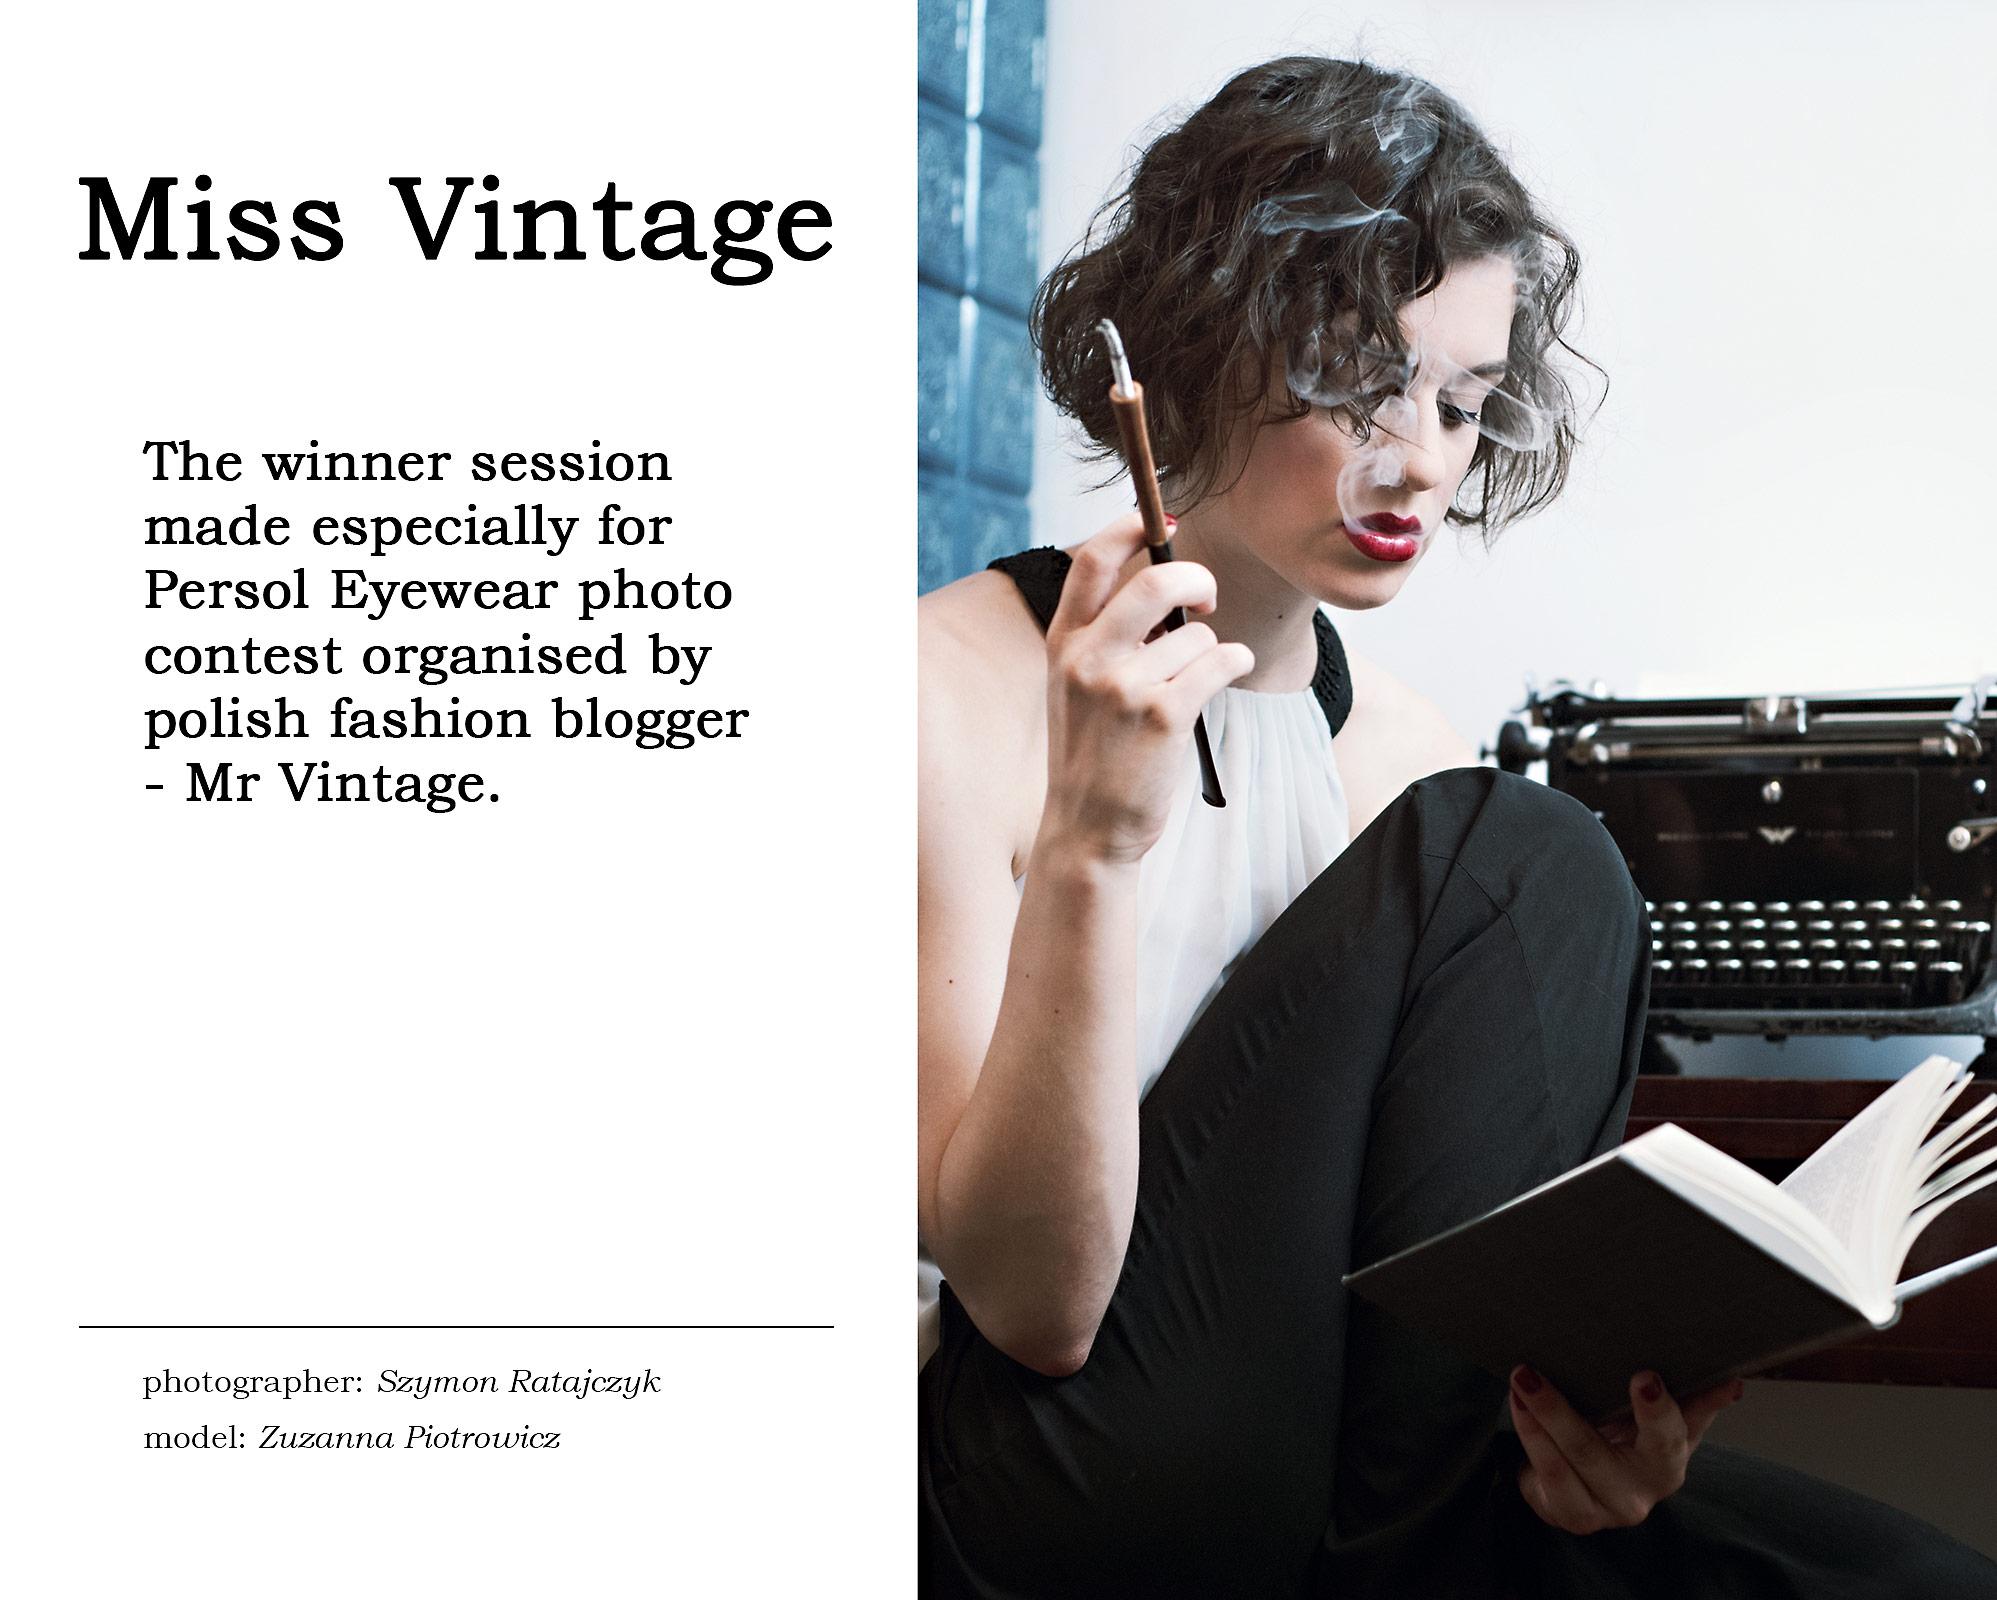 Miss_Vintage_by_Szymon_Ratajczyk_1